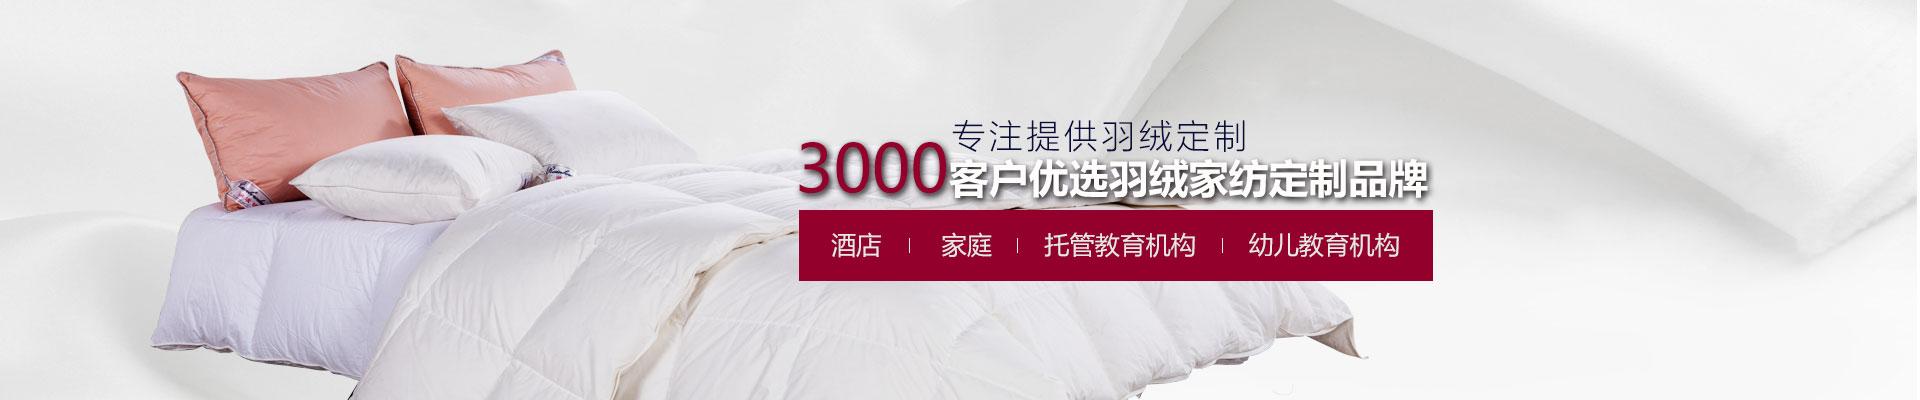 润波顿-3000+客户优选羽绒家纺定制品牌